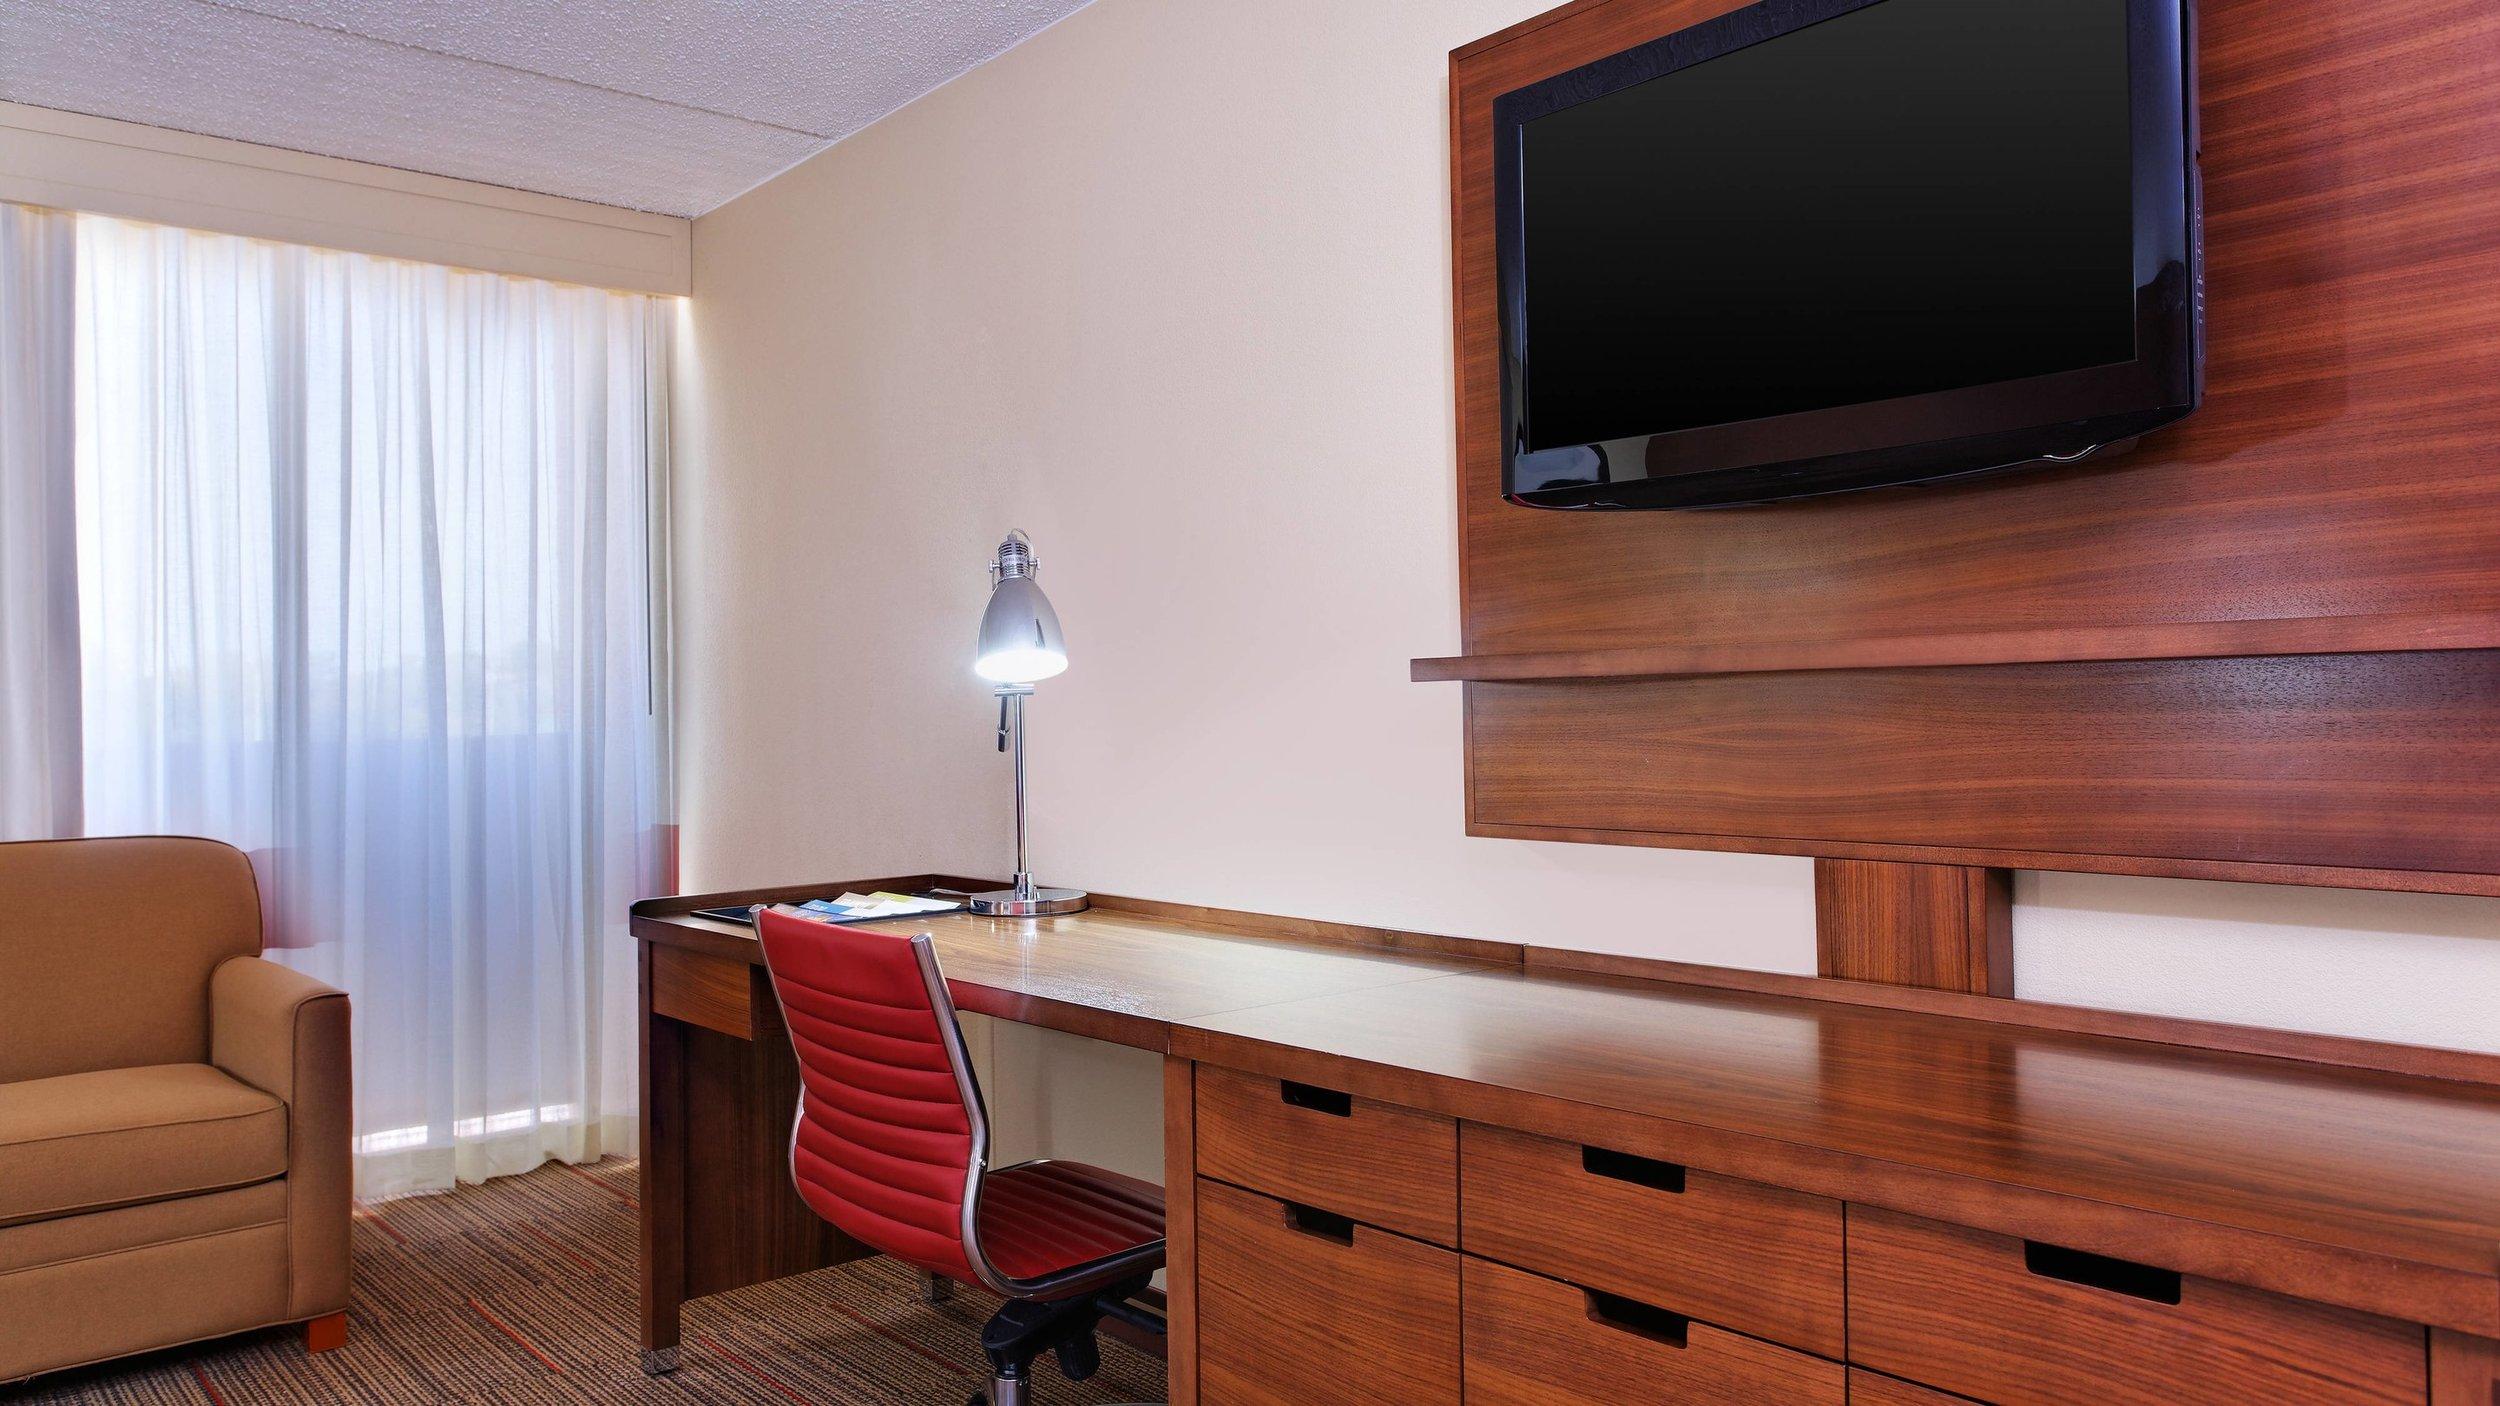 cllfp-desk-9659-hor-wide.jpg